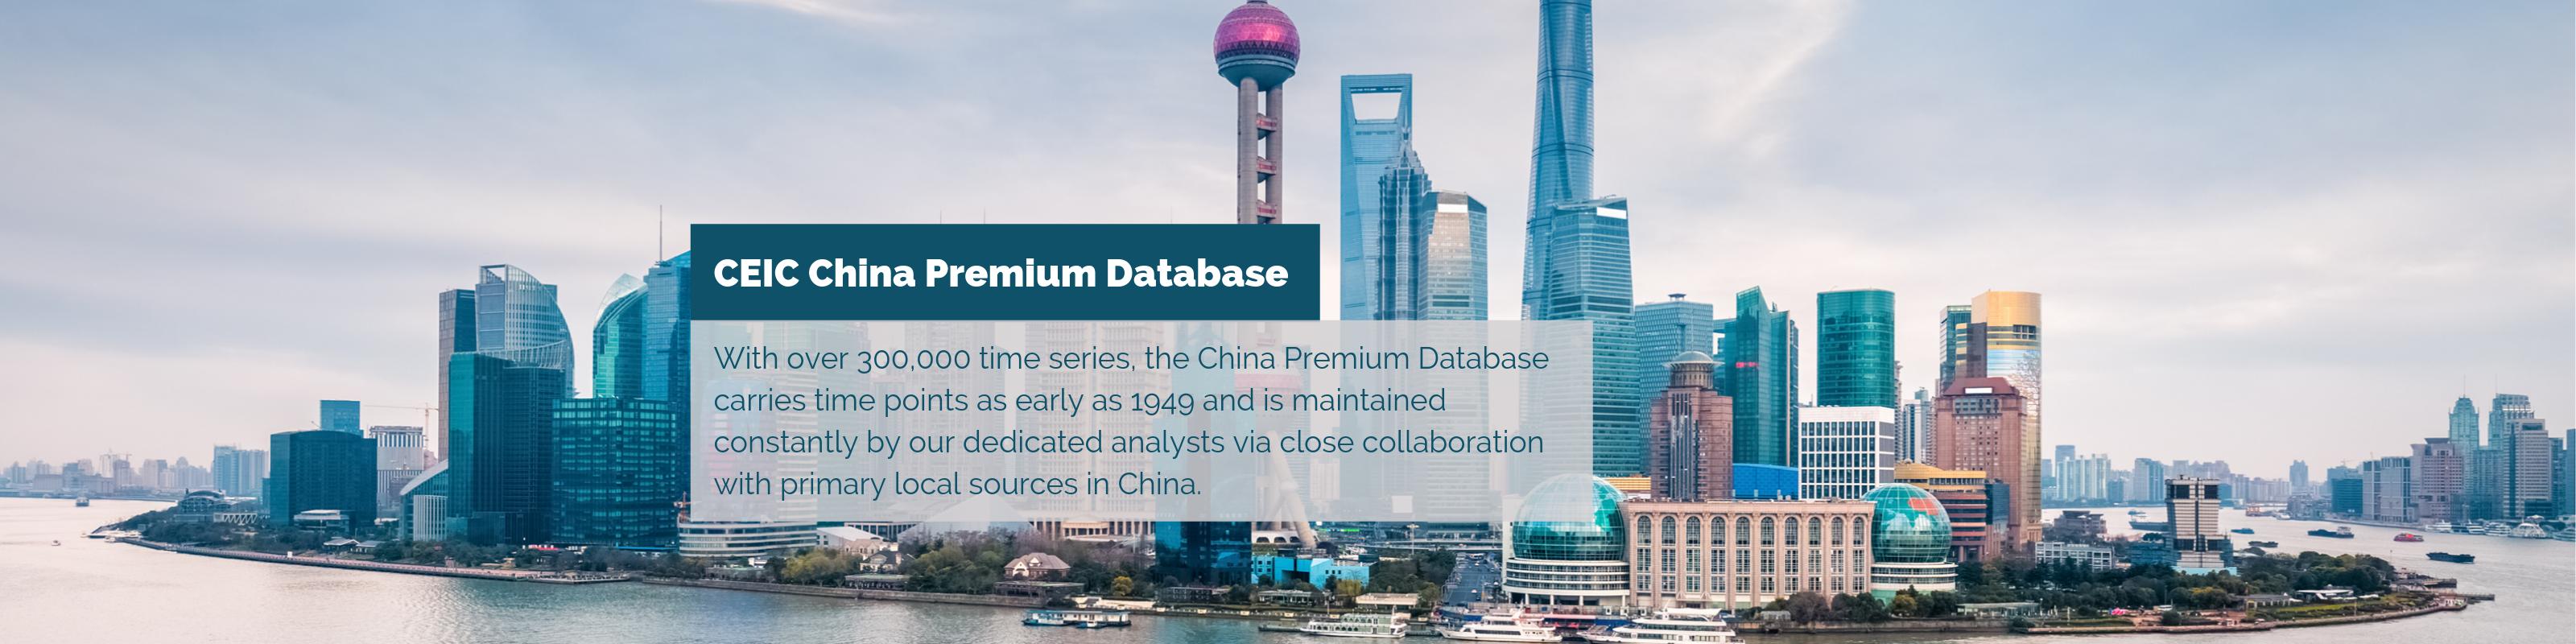 CEIC China Premium Database